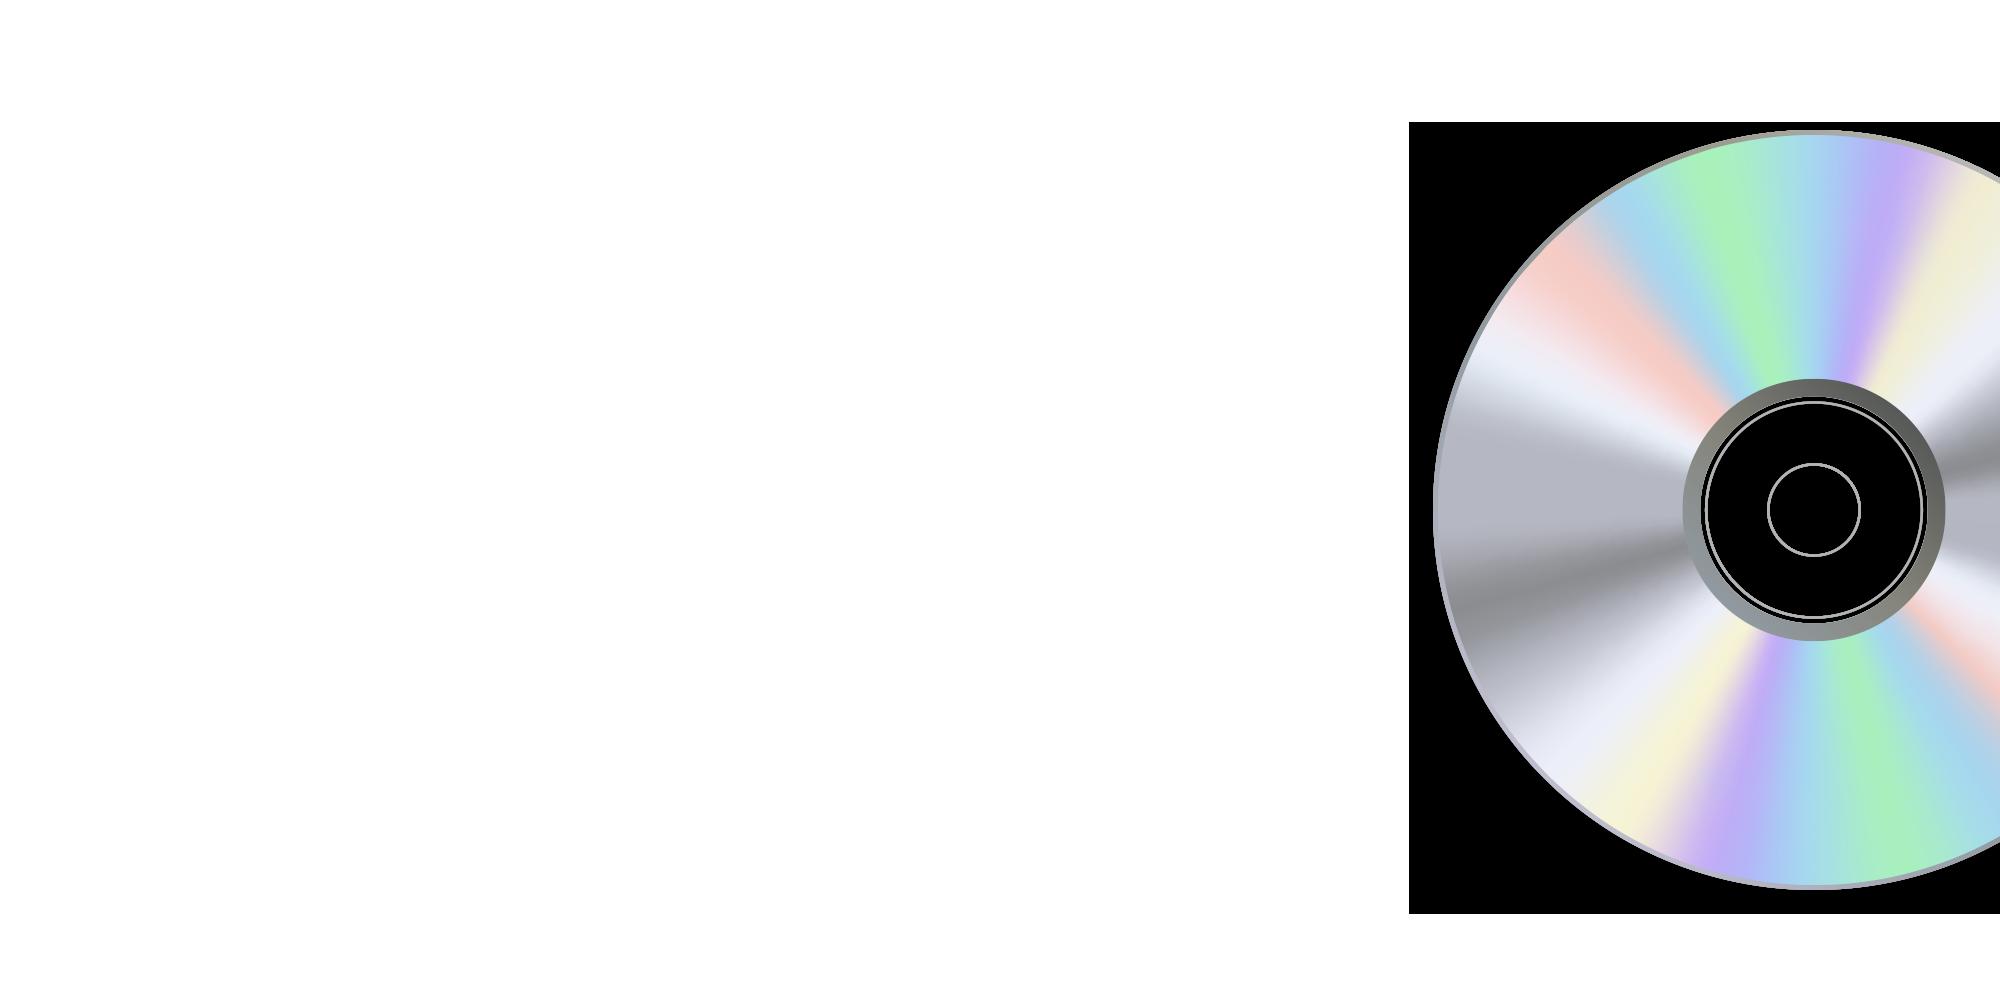 ソニーの光ディスクアーカイブソリューション